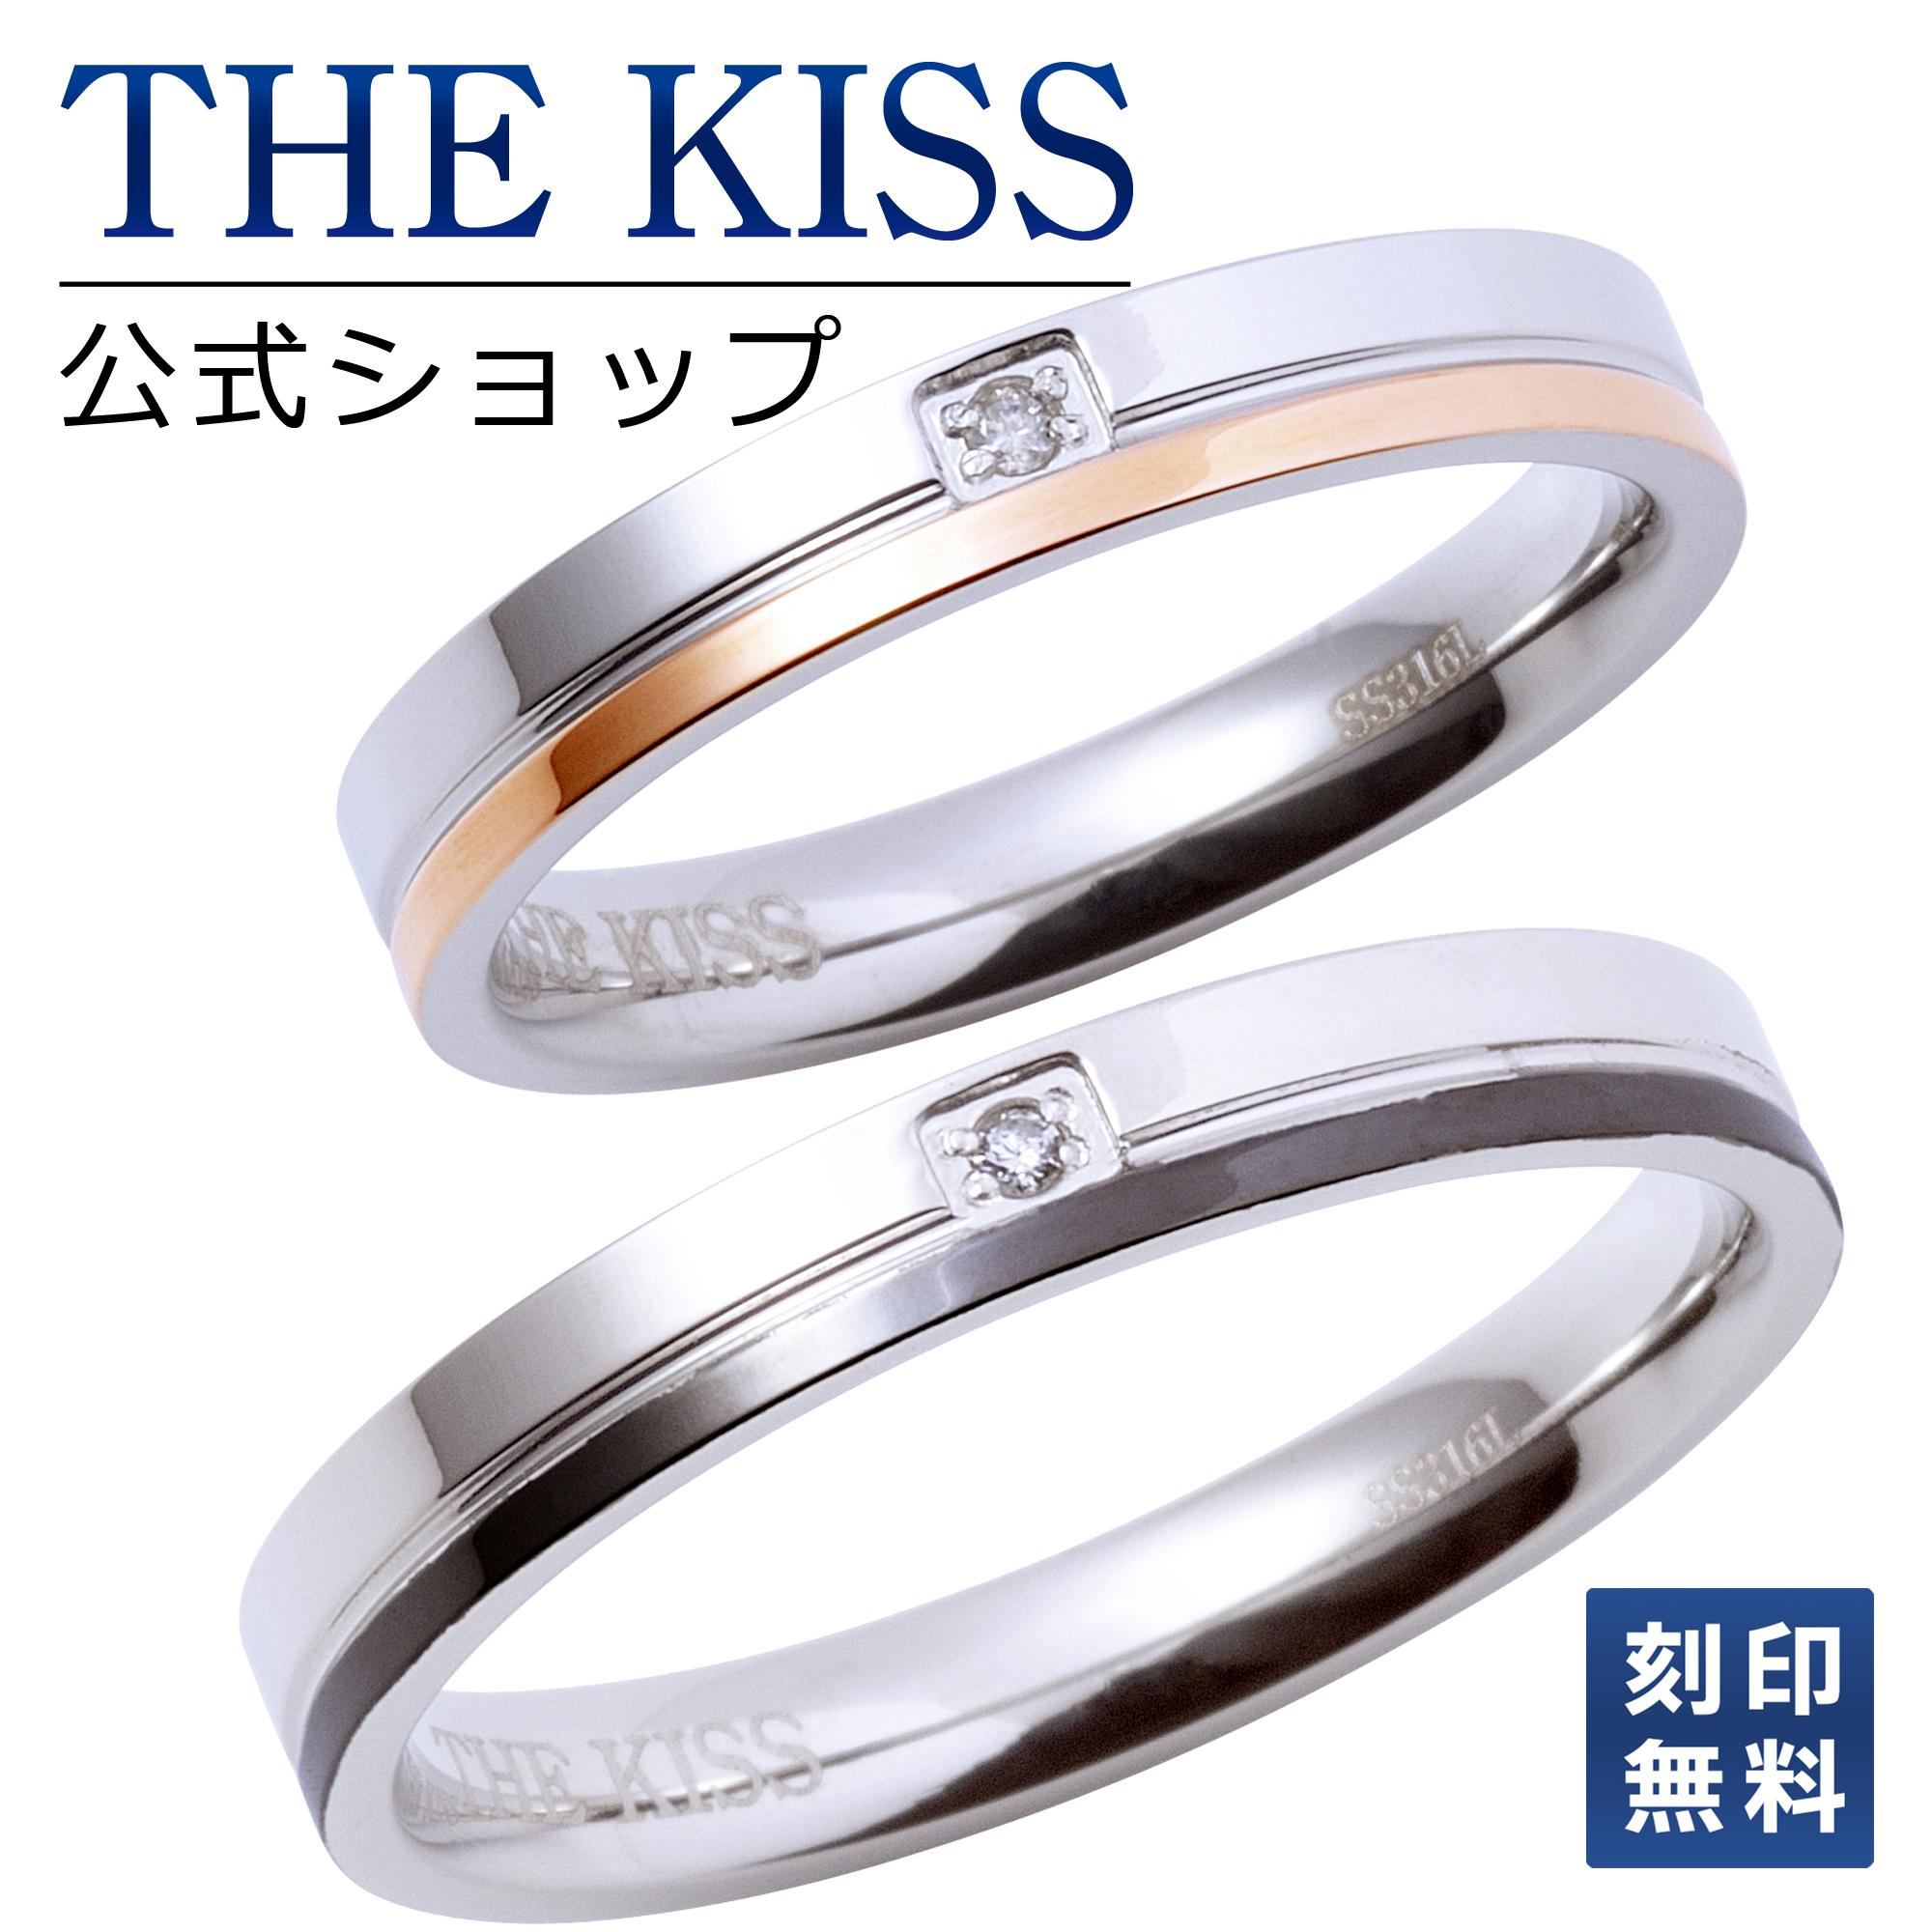 【刻印可_10文字】【あす楽対応】THE KISS 公式サイト ステンレス ペアリング ペアアクセサリー カップル に 人気 の ジュエリーブランド THEKISS ペア リング・指輪 記念日 プレゼント TR1036PIDM-1036BKDM セット シンプル ザキス 【送料無料】